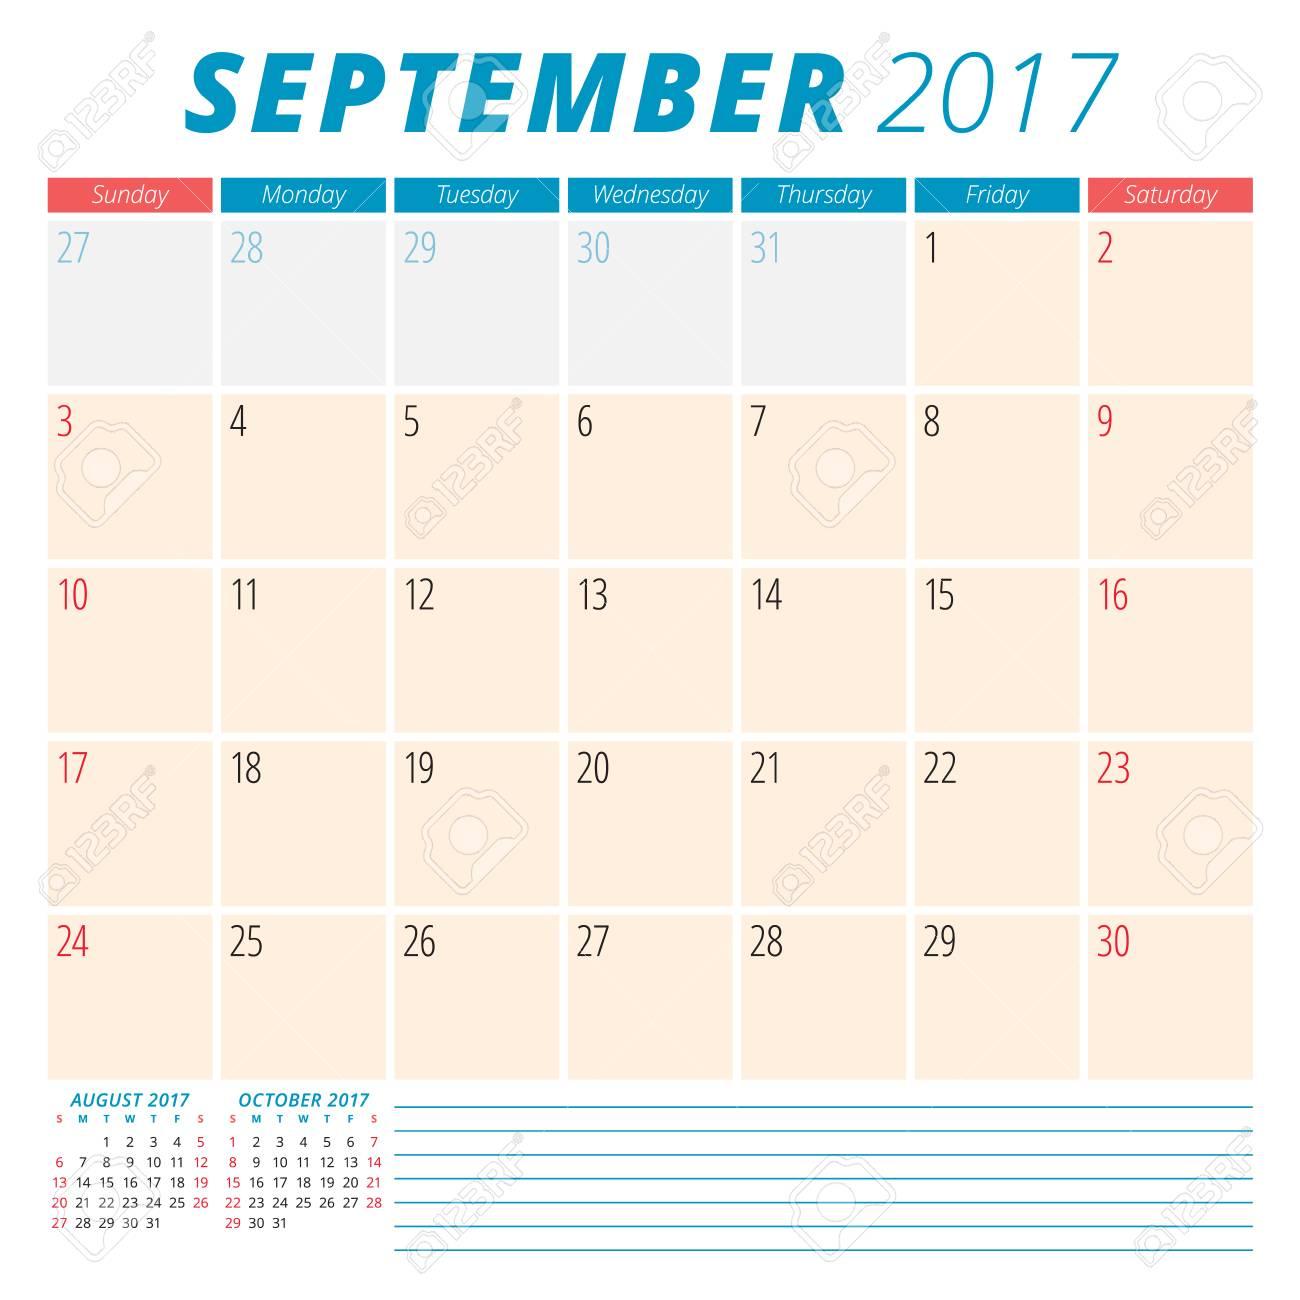 Calendario Anno 2017.Gennaio 2017 Calendario Planner Per Il 2017 Anno Settimana Inizia Domenica Cancelleria Design 3 Mesi Nella Pagina Vector Calendar Template